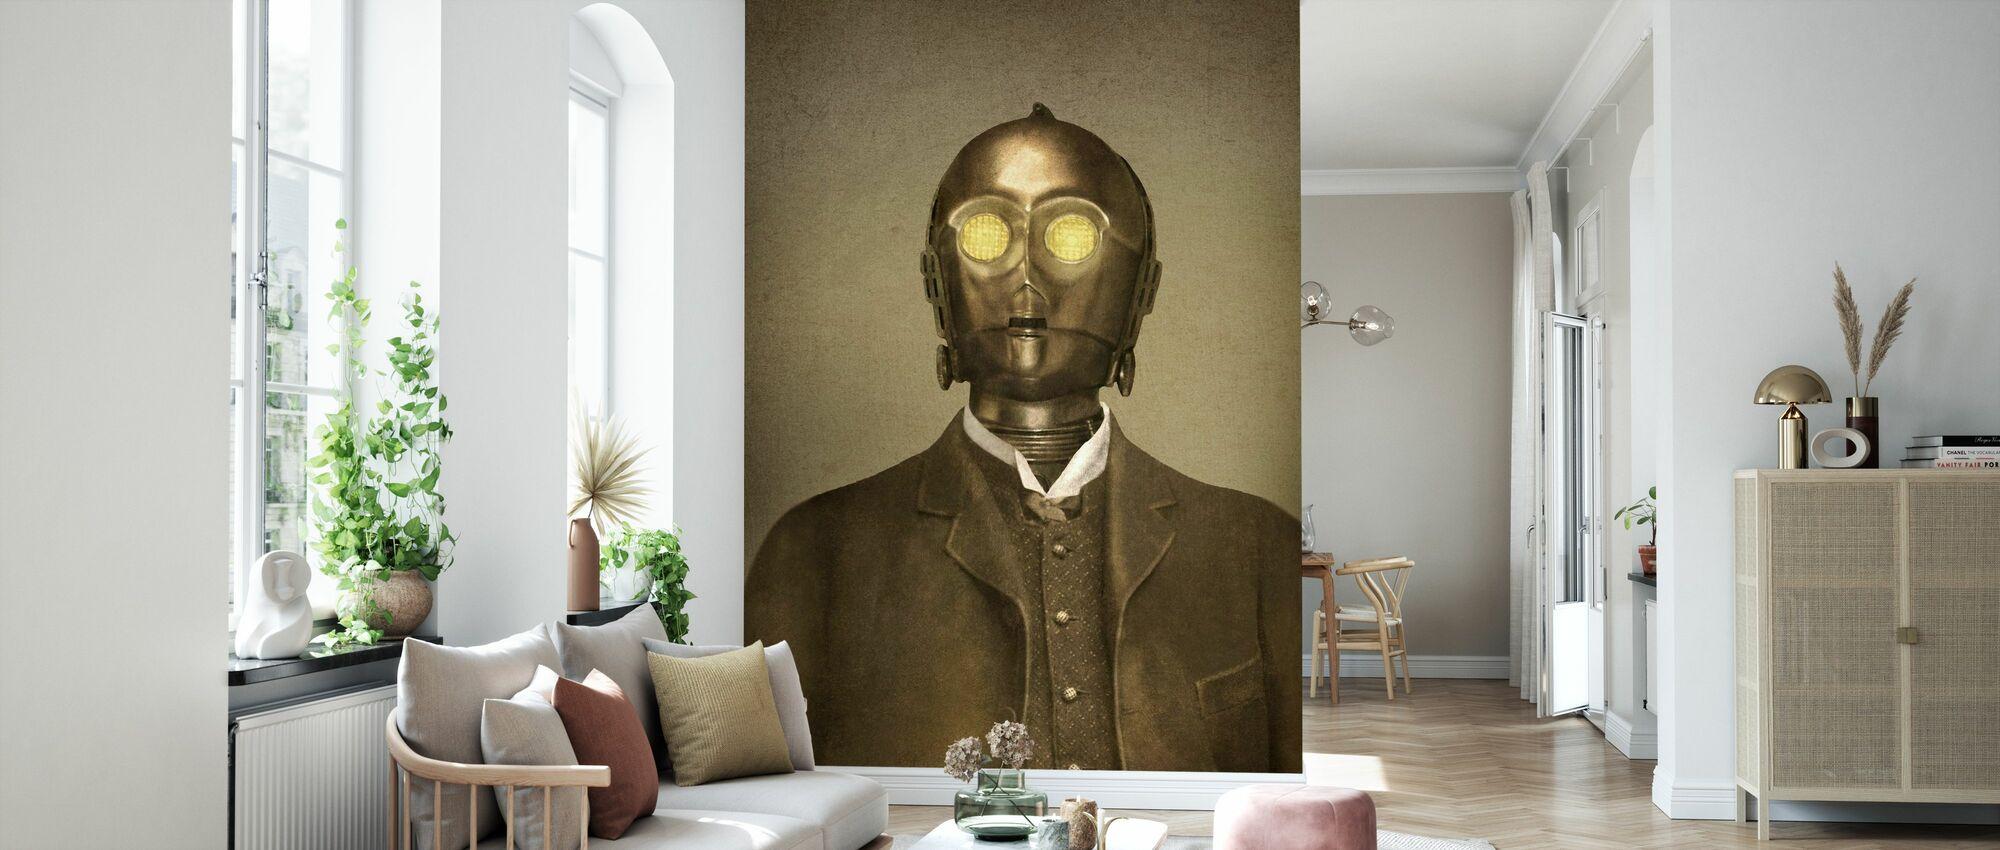 Victorian Wars Baron Von 3PO - Papel pintado - Salón